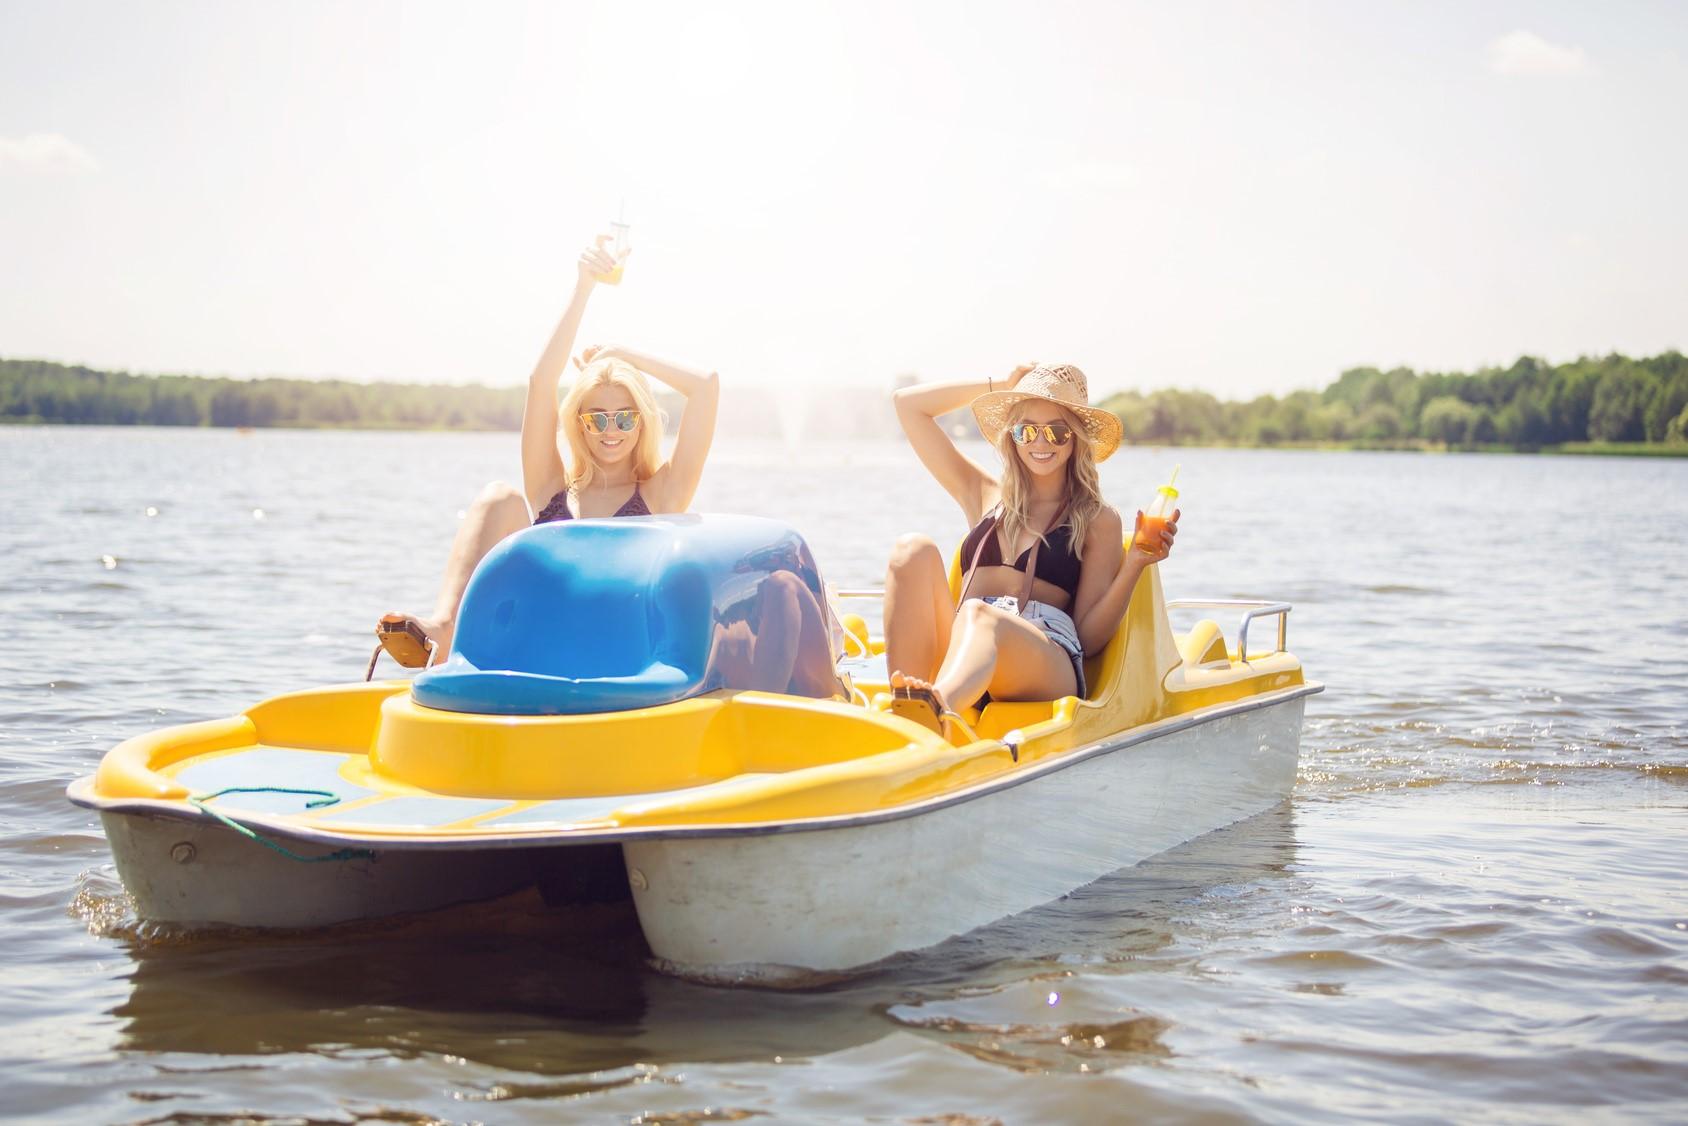 Preise Vermietung - Tretboot für 4 Personen1 Stunde 12,00 € / 1/2 Stunde 6,00 €3er Kanu1 Stunde 12,00 € / 1/2 Stunde 6,00 €2er Kanu1 Stunde 10,00 € / 1/2 Stunde 6,00€